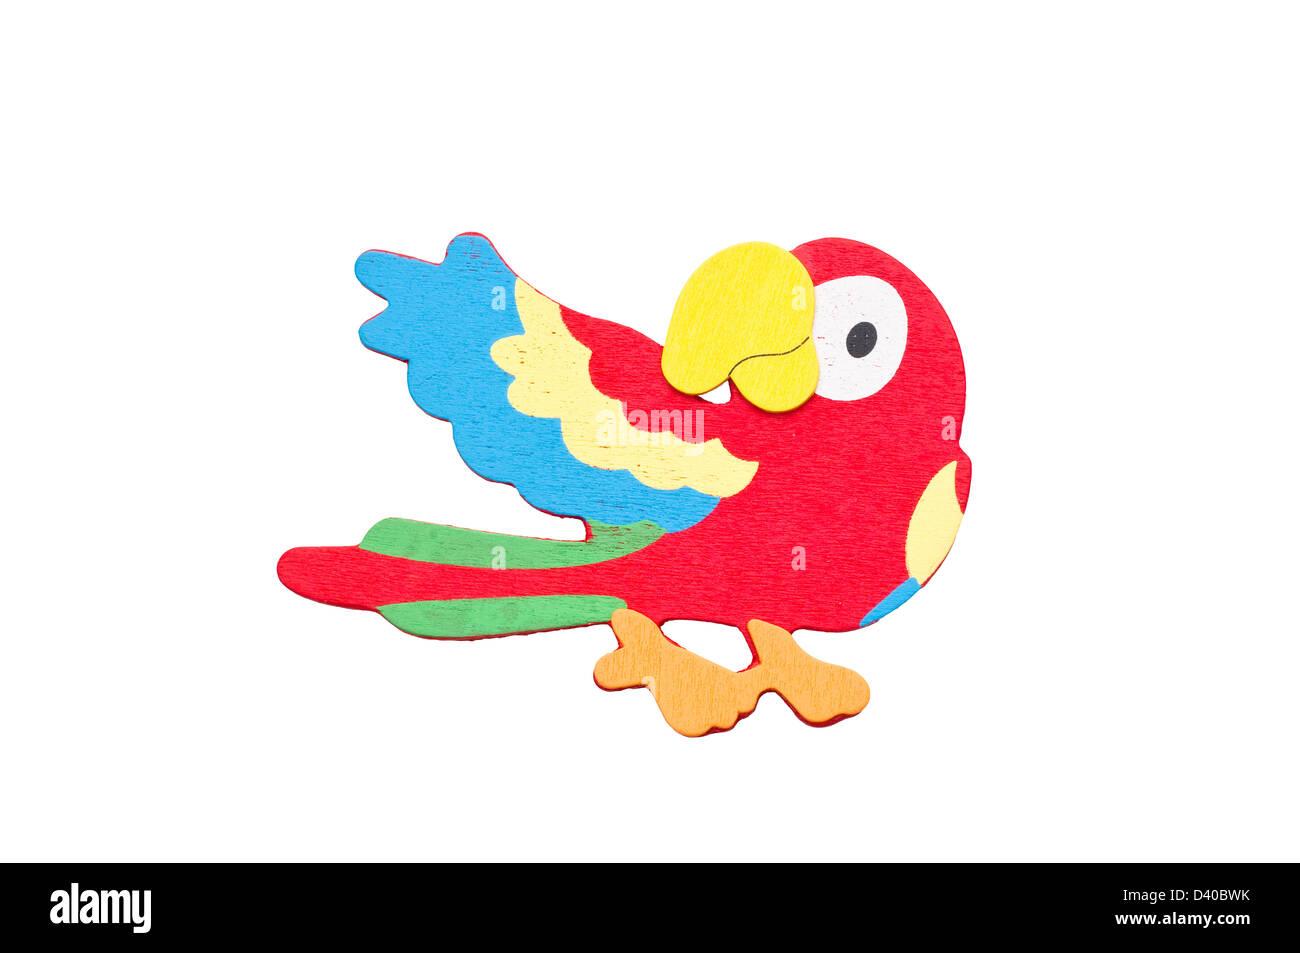 3d pappagallo tropicale isolata su sfondo bianco. Immagini Stock